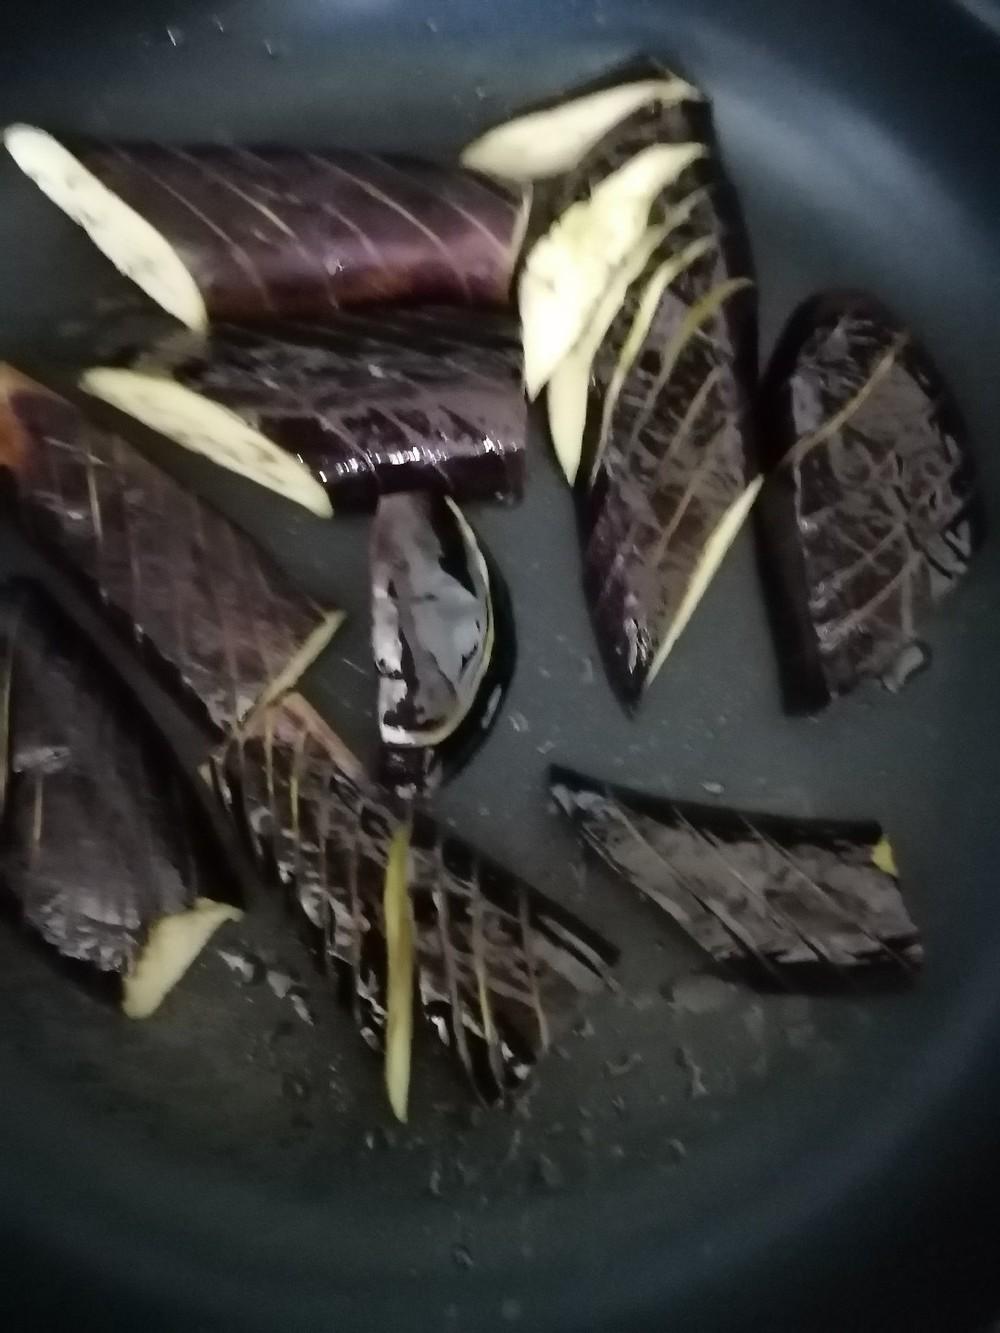 煮浸し 絶品 の ナス